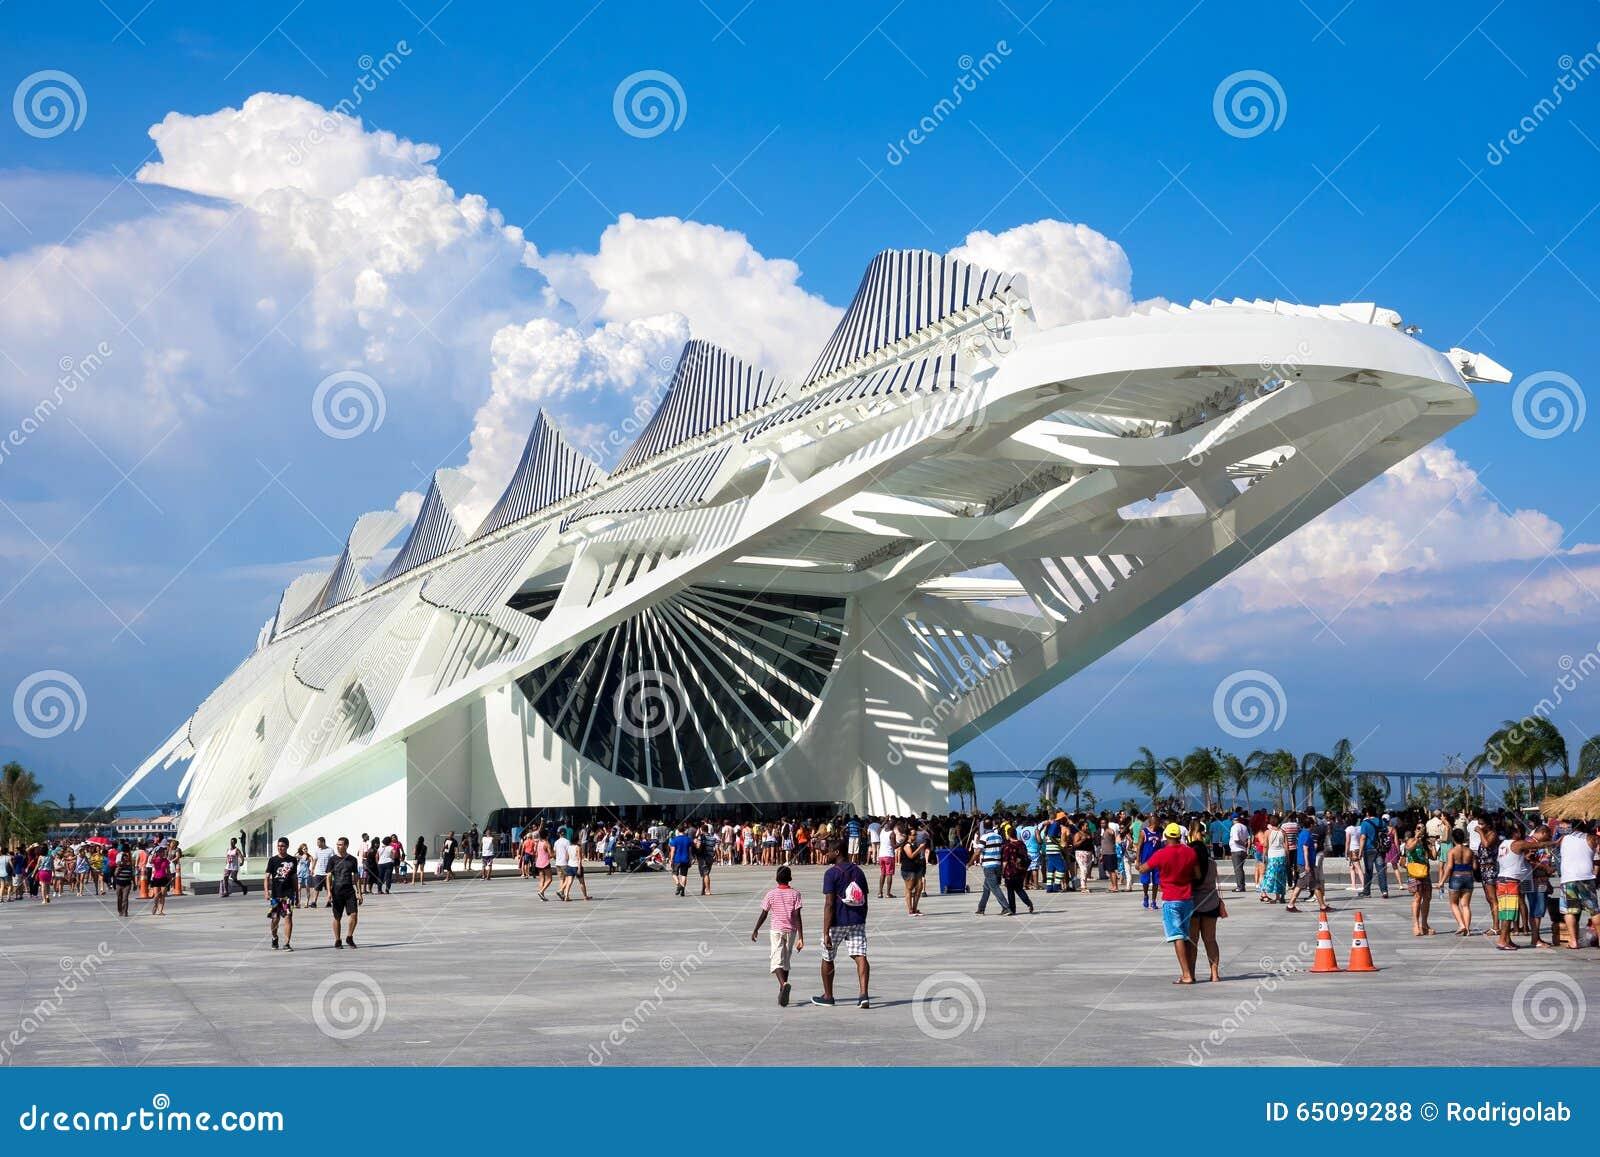 Μουσείο του αύριο στο Ρίο ντε Τζανέιρο, Βραζιλία